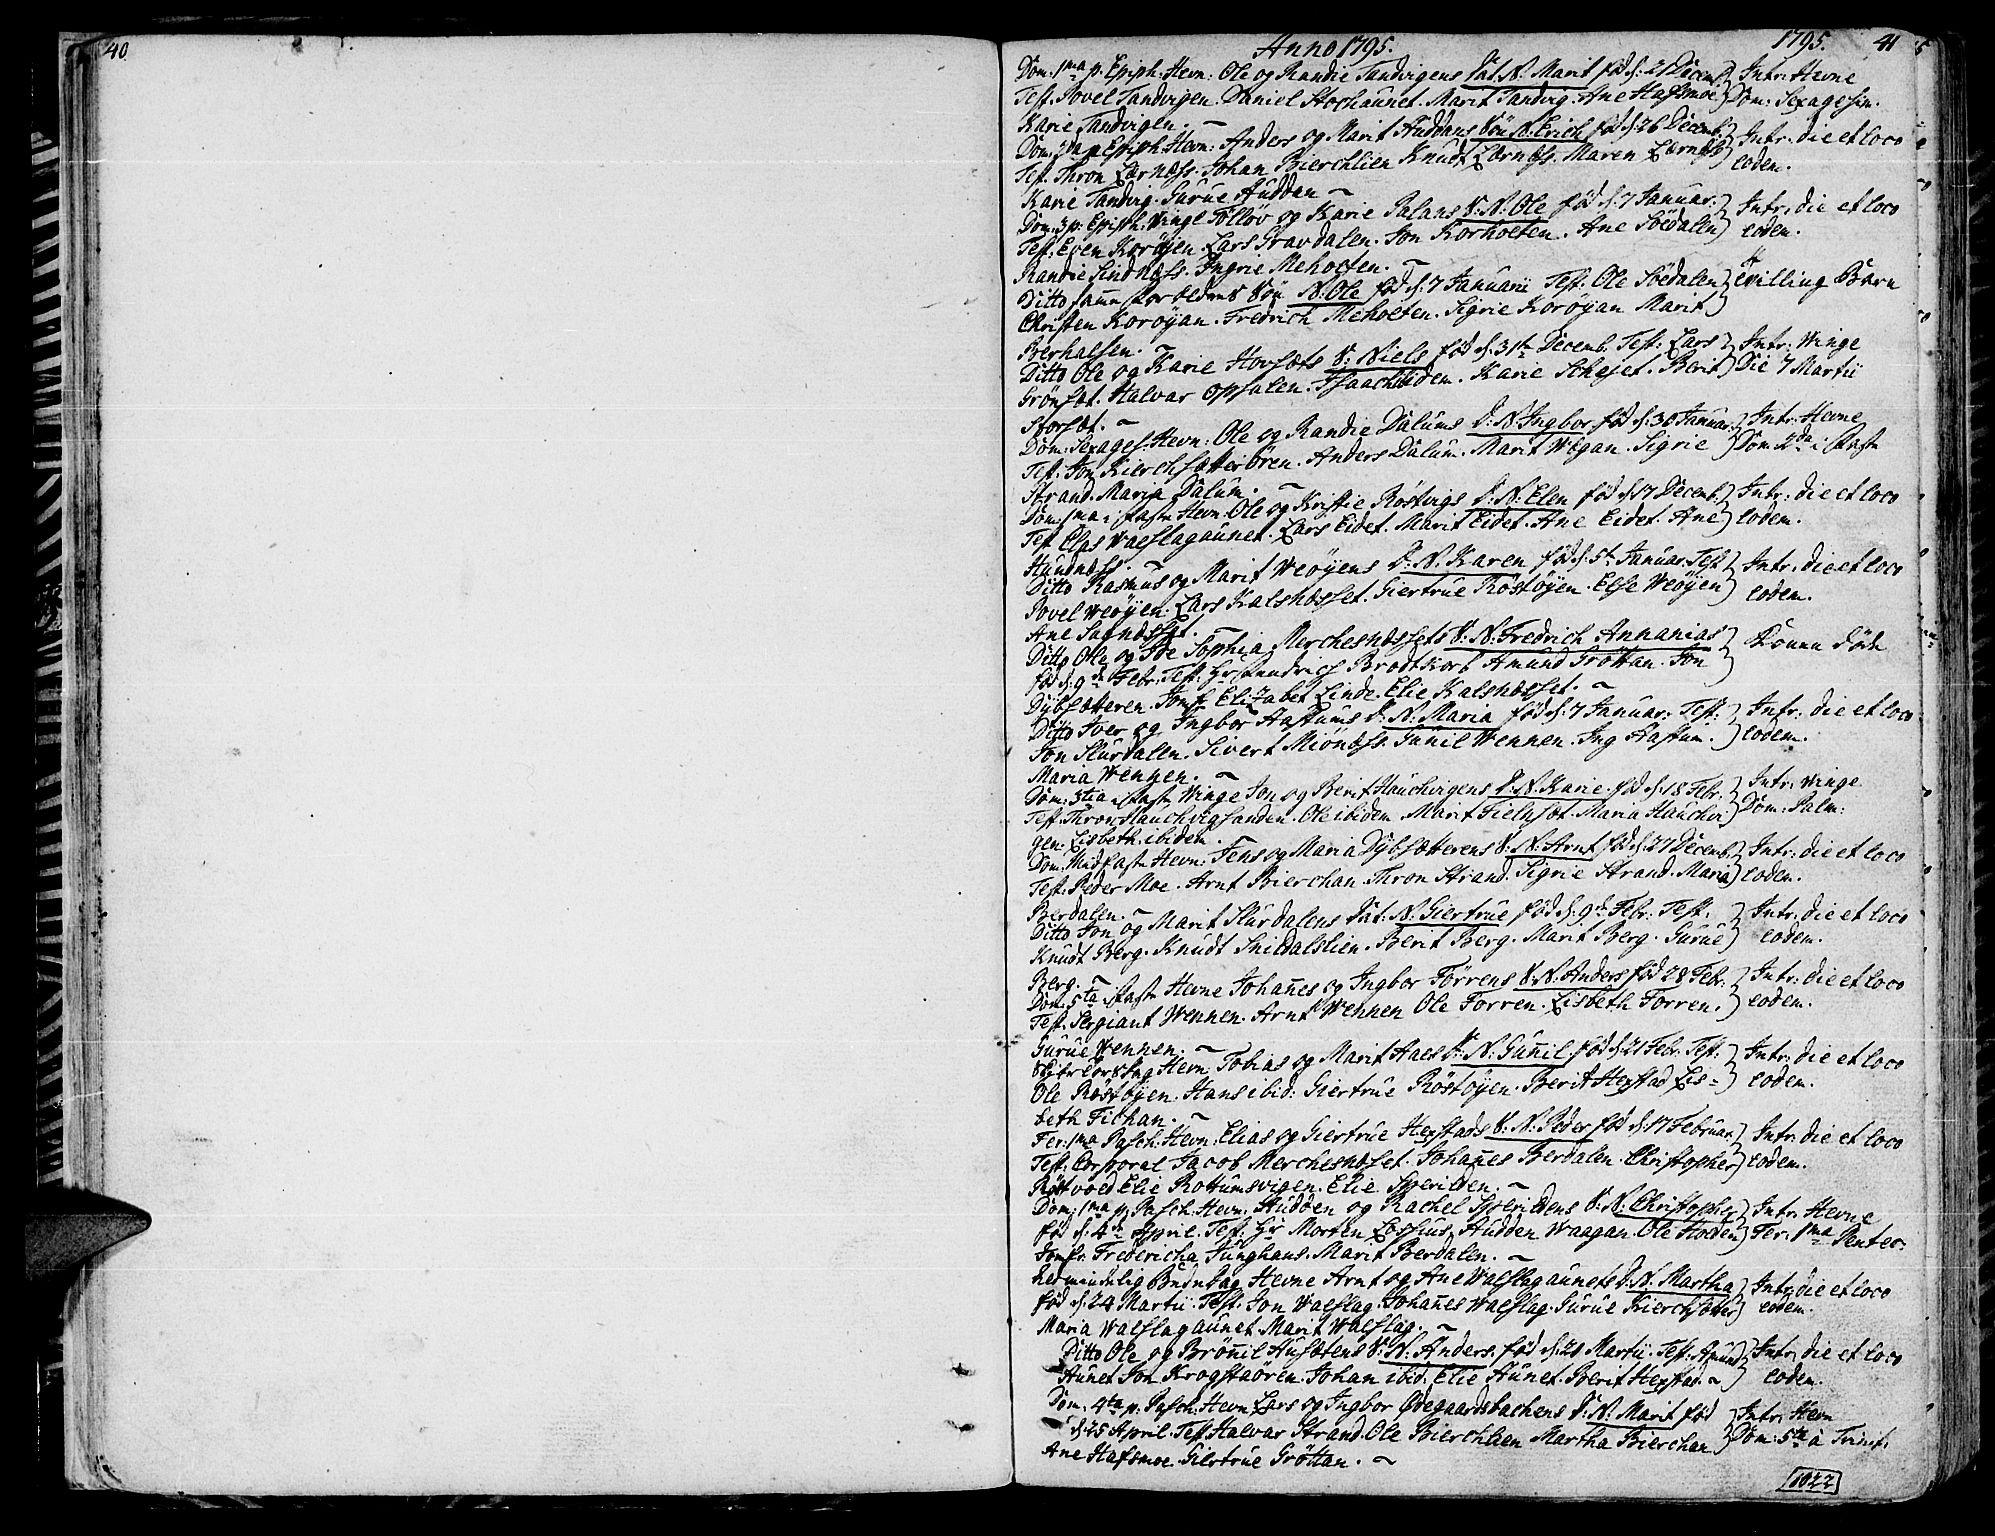 SAT, Ministerialprotokoller, klokkerbøker og fødselsregistre - Sør-Trøndelag, 630/L0490: Ministerialbok nr. 630A03, 1795-1818, s. 40-41